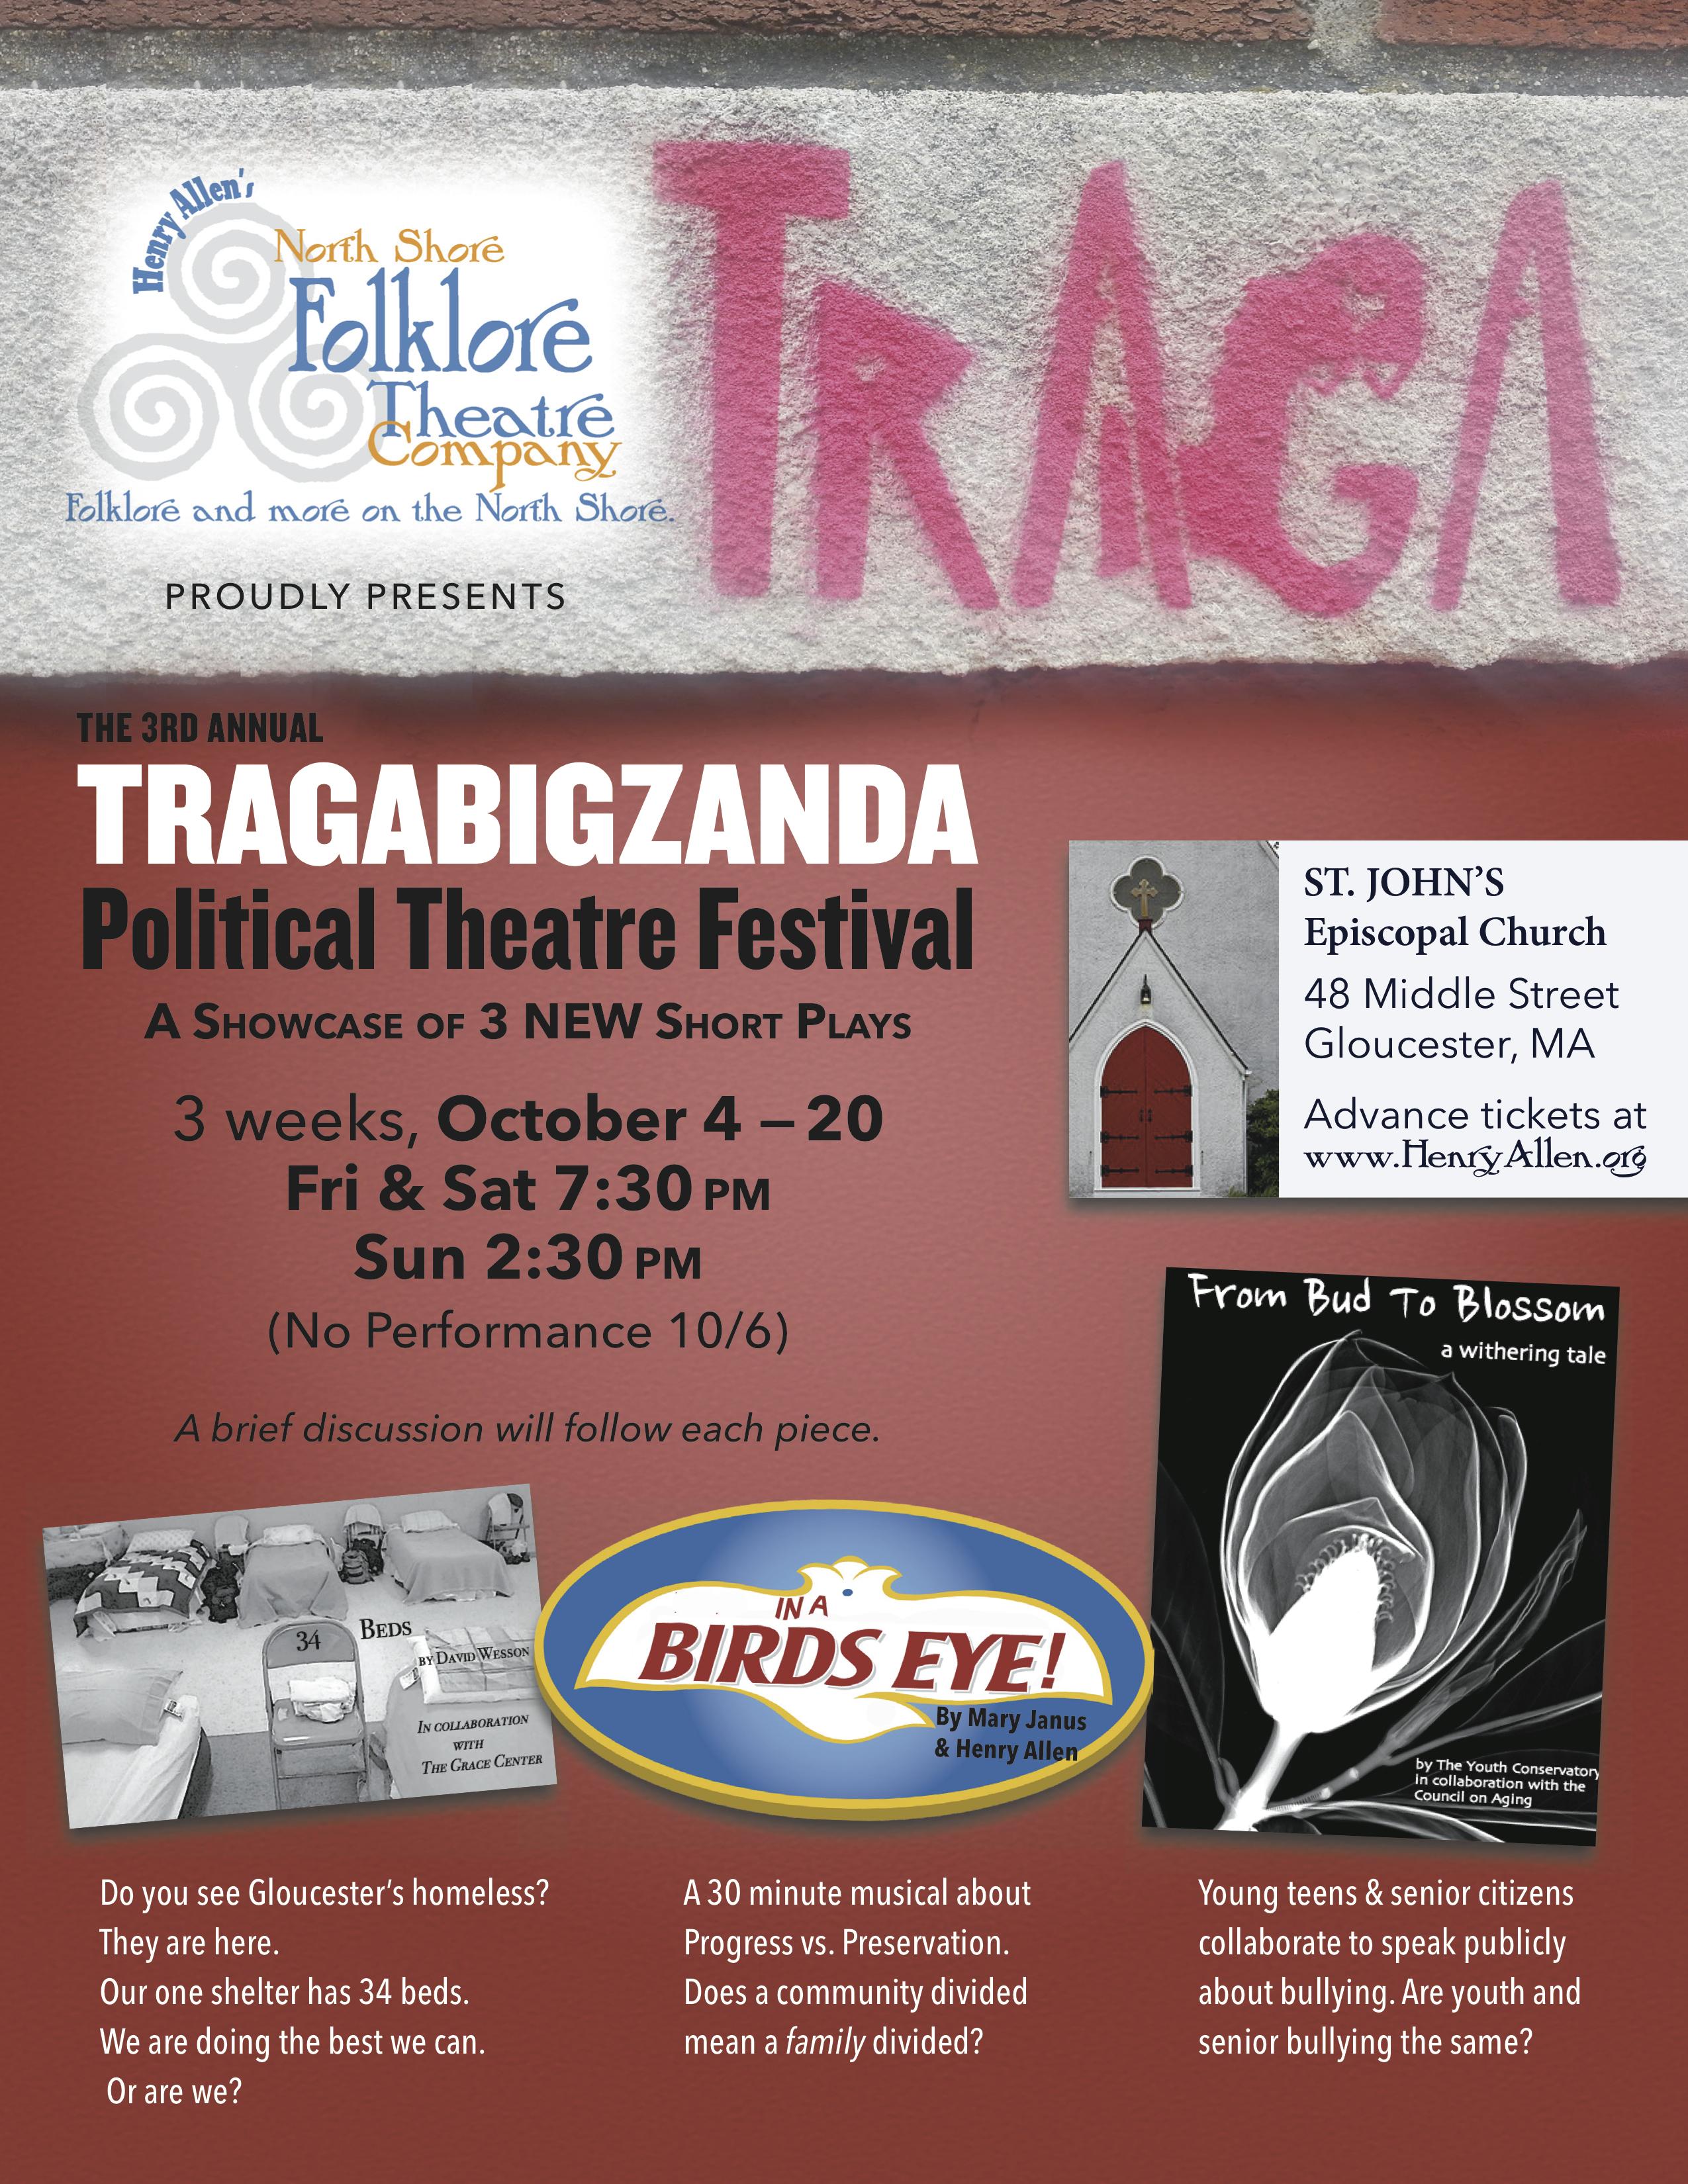 Traga2013-FLYER-9.24